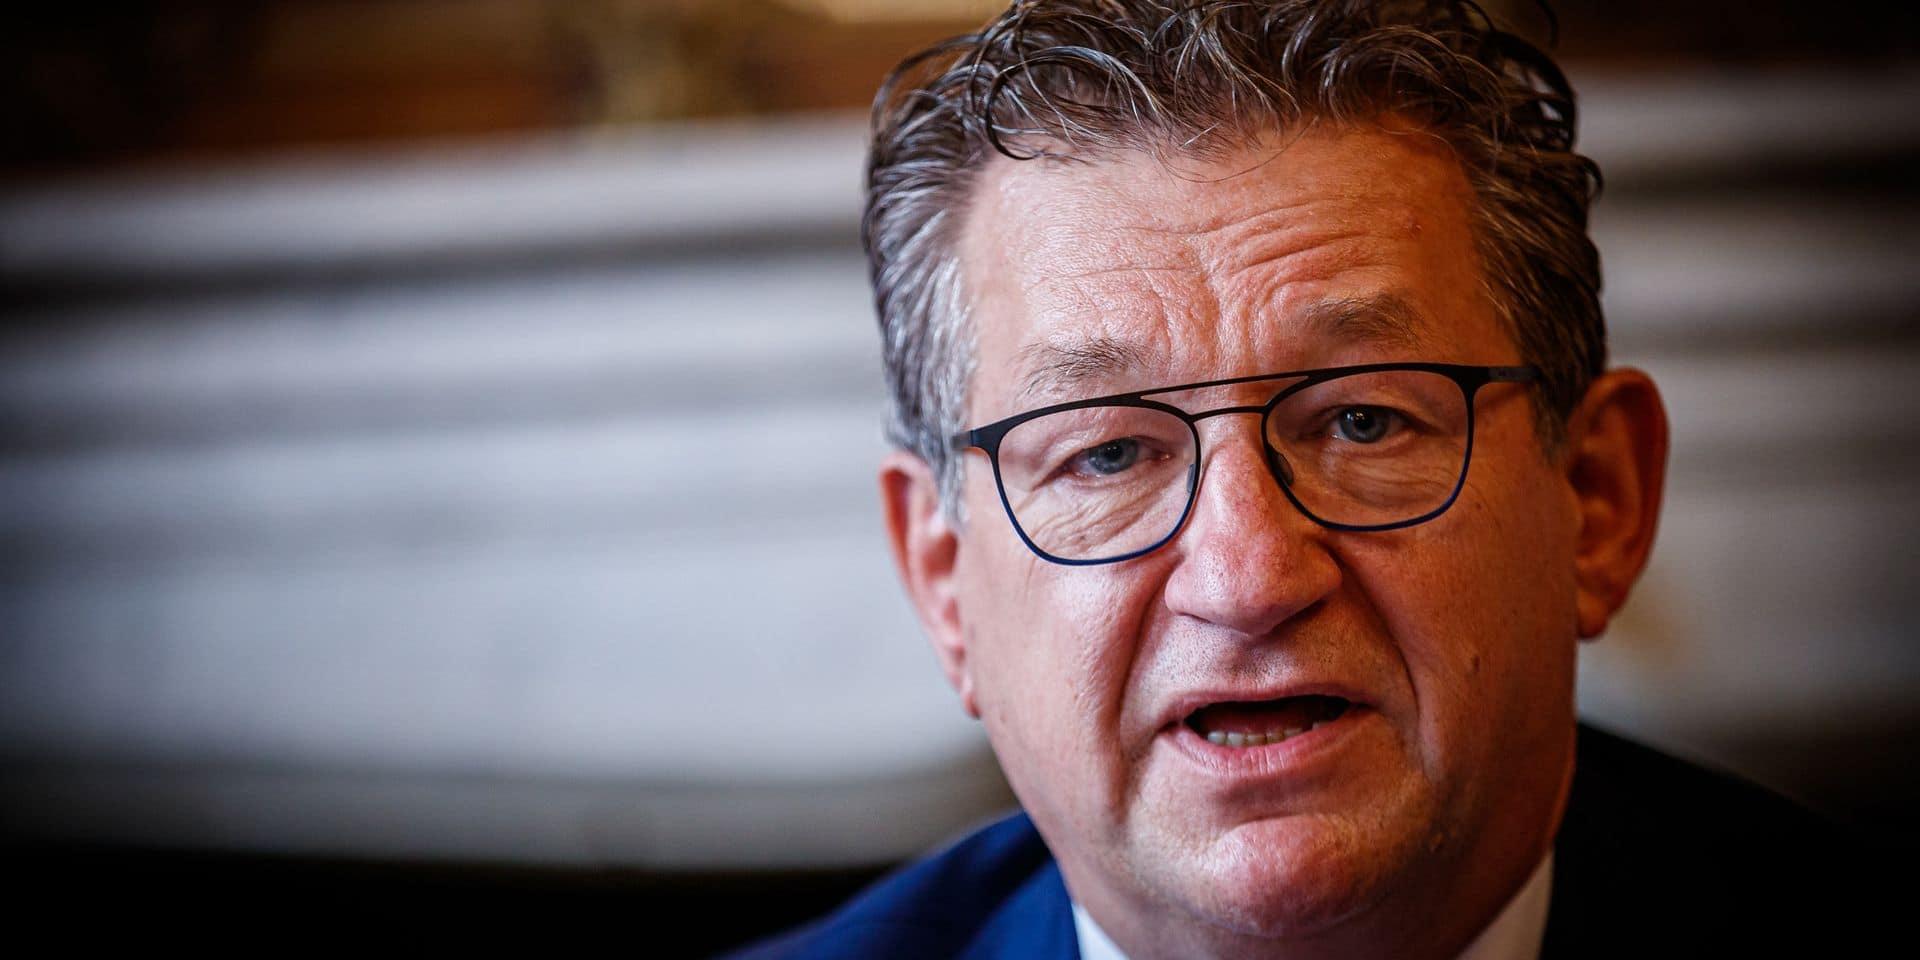 Le bourgmestre de Bruges poignardé: son assaillant est un de ses clients